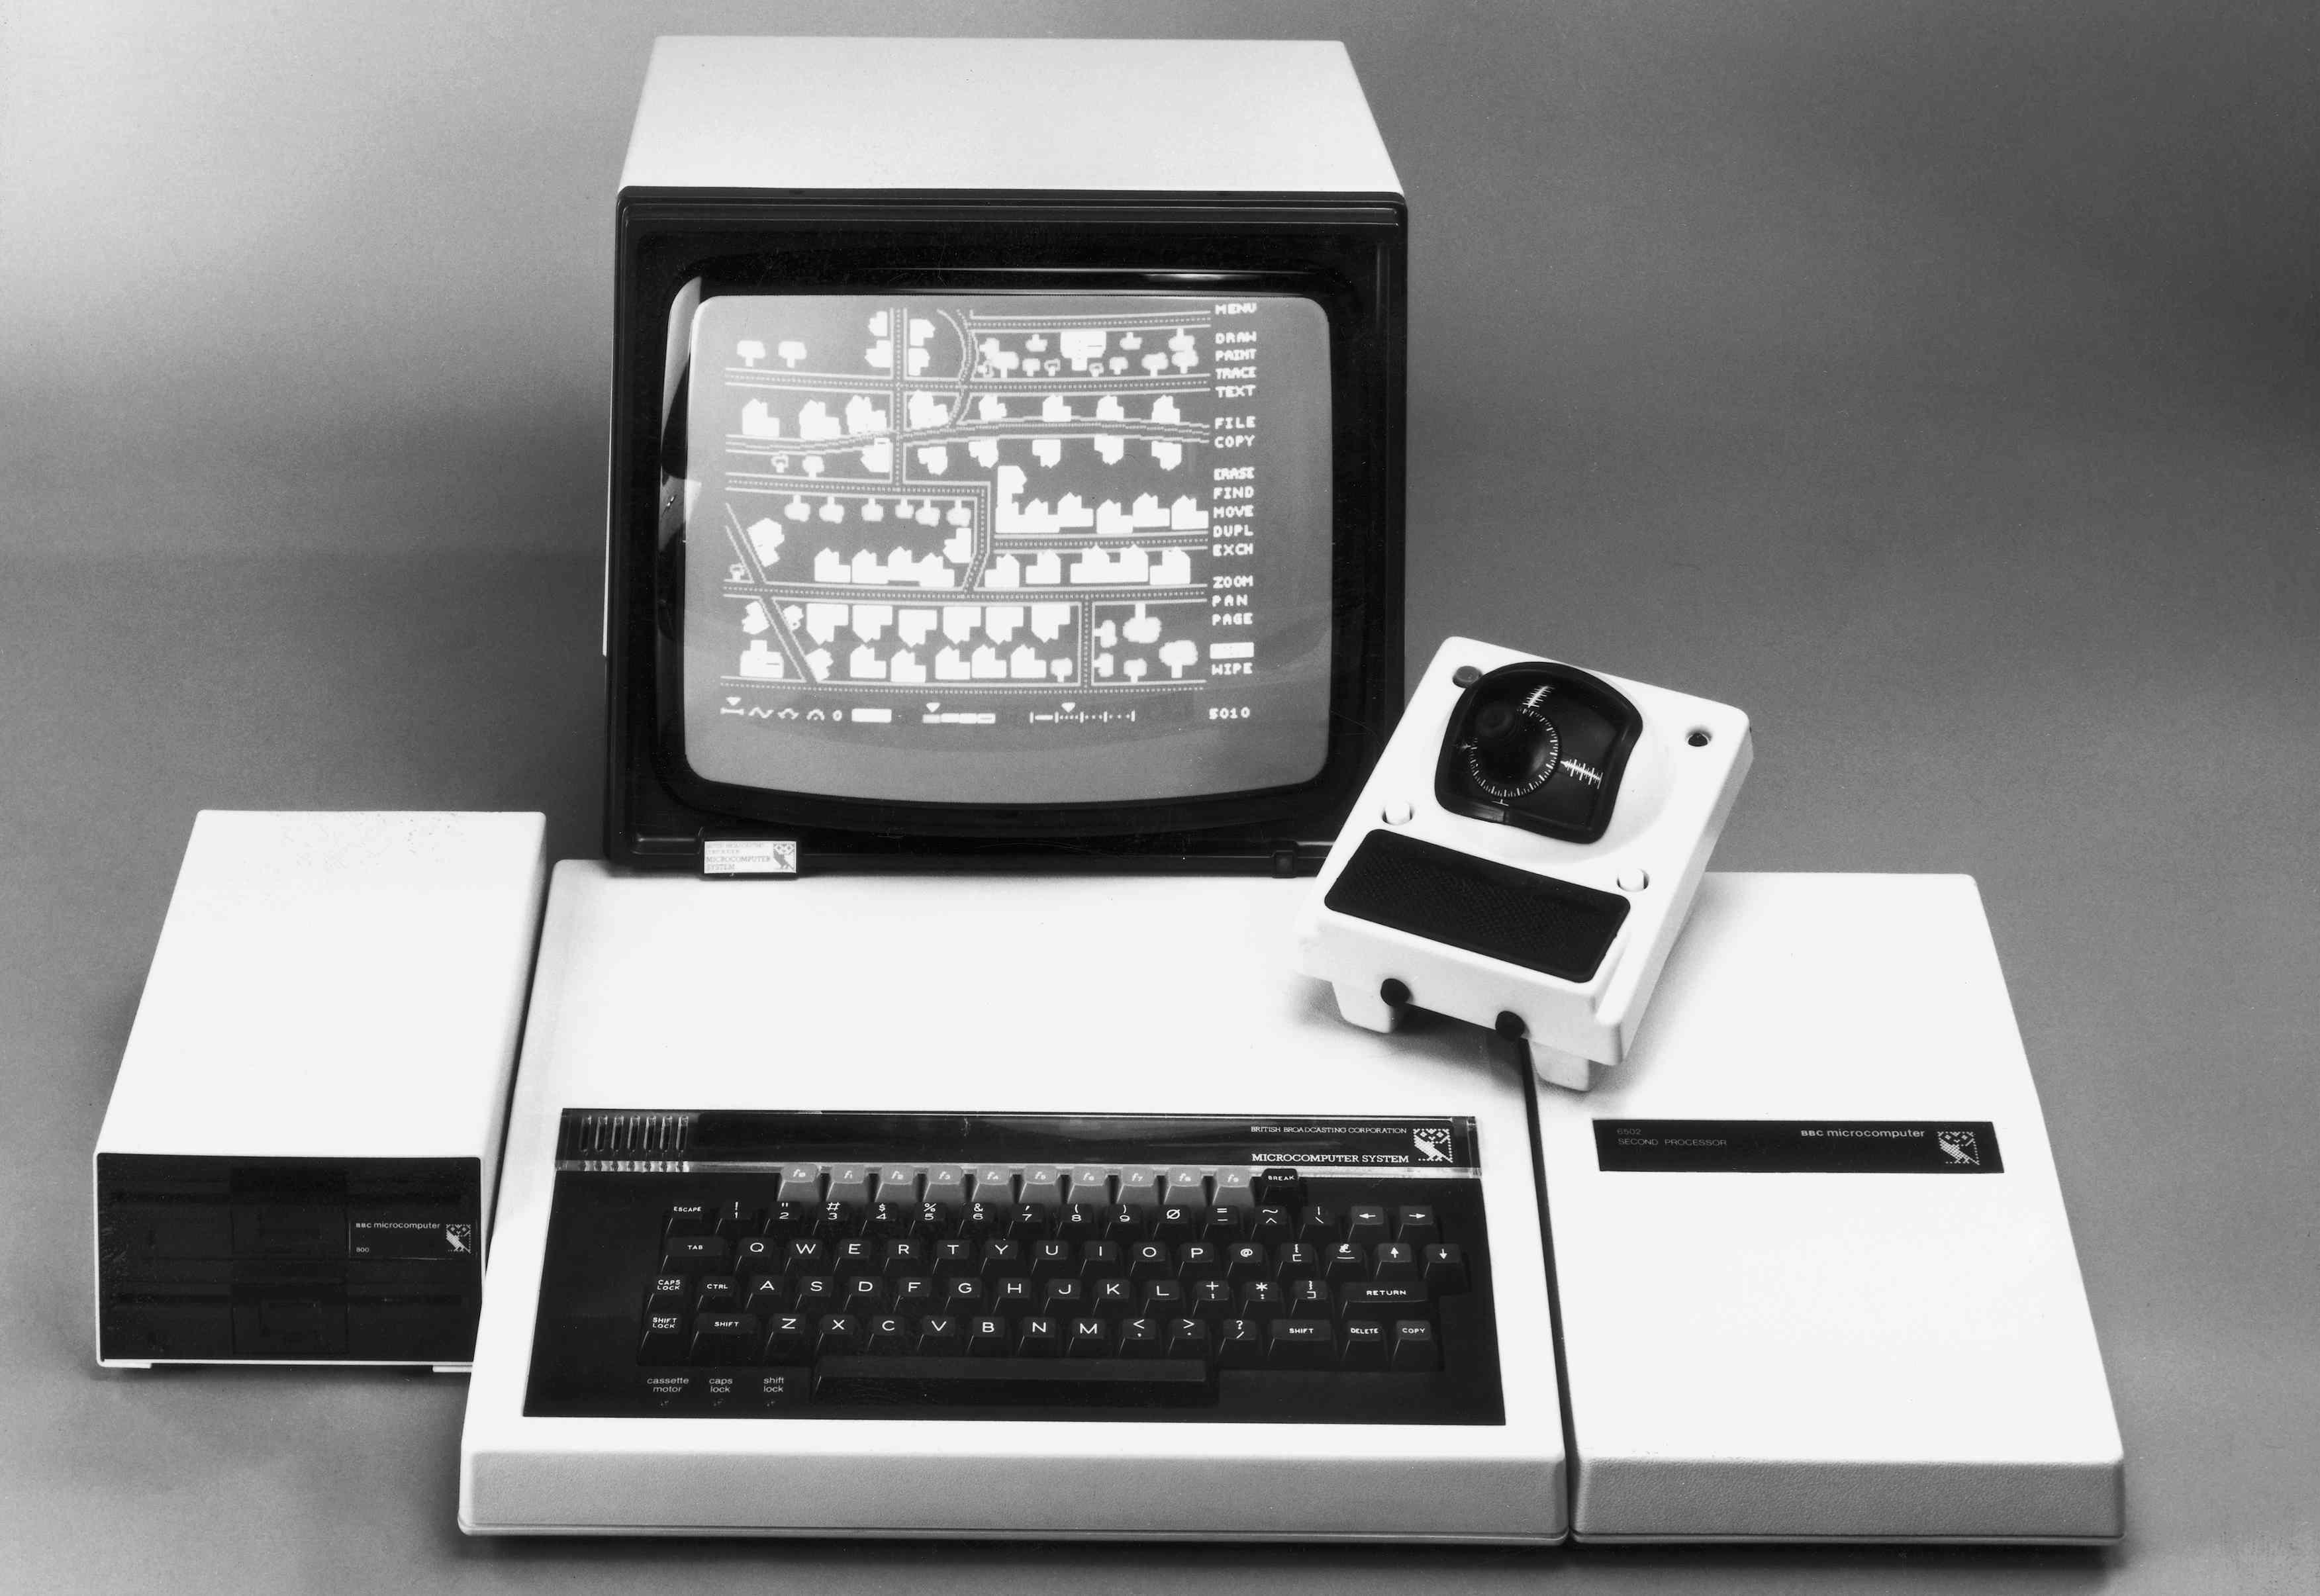 ۱۰ کامپیوتر و لپتاپ تأثیرگذار بر تاریخ بشریت را بشناسید و ببینید